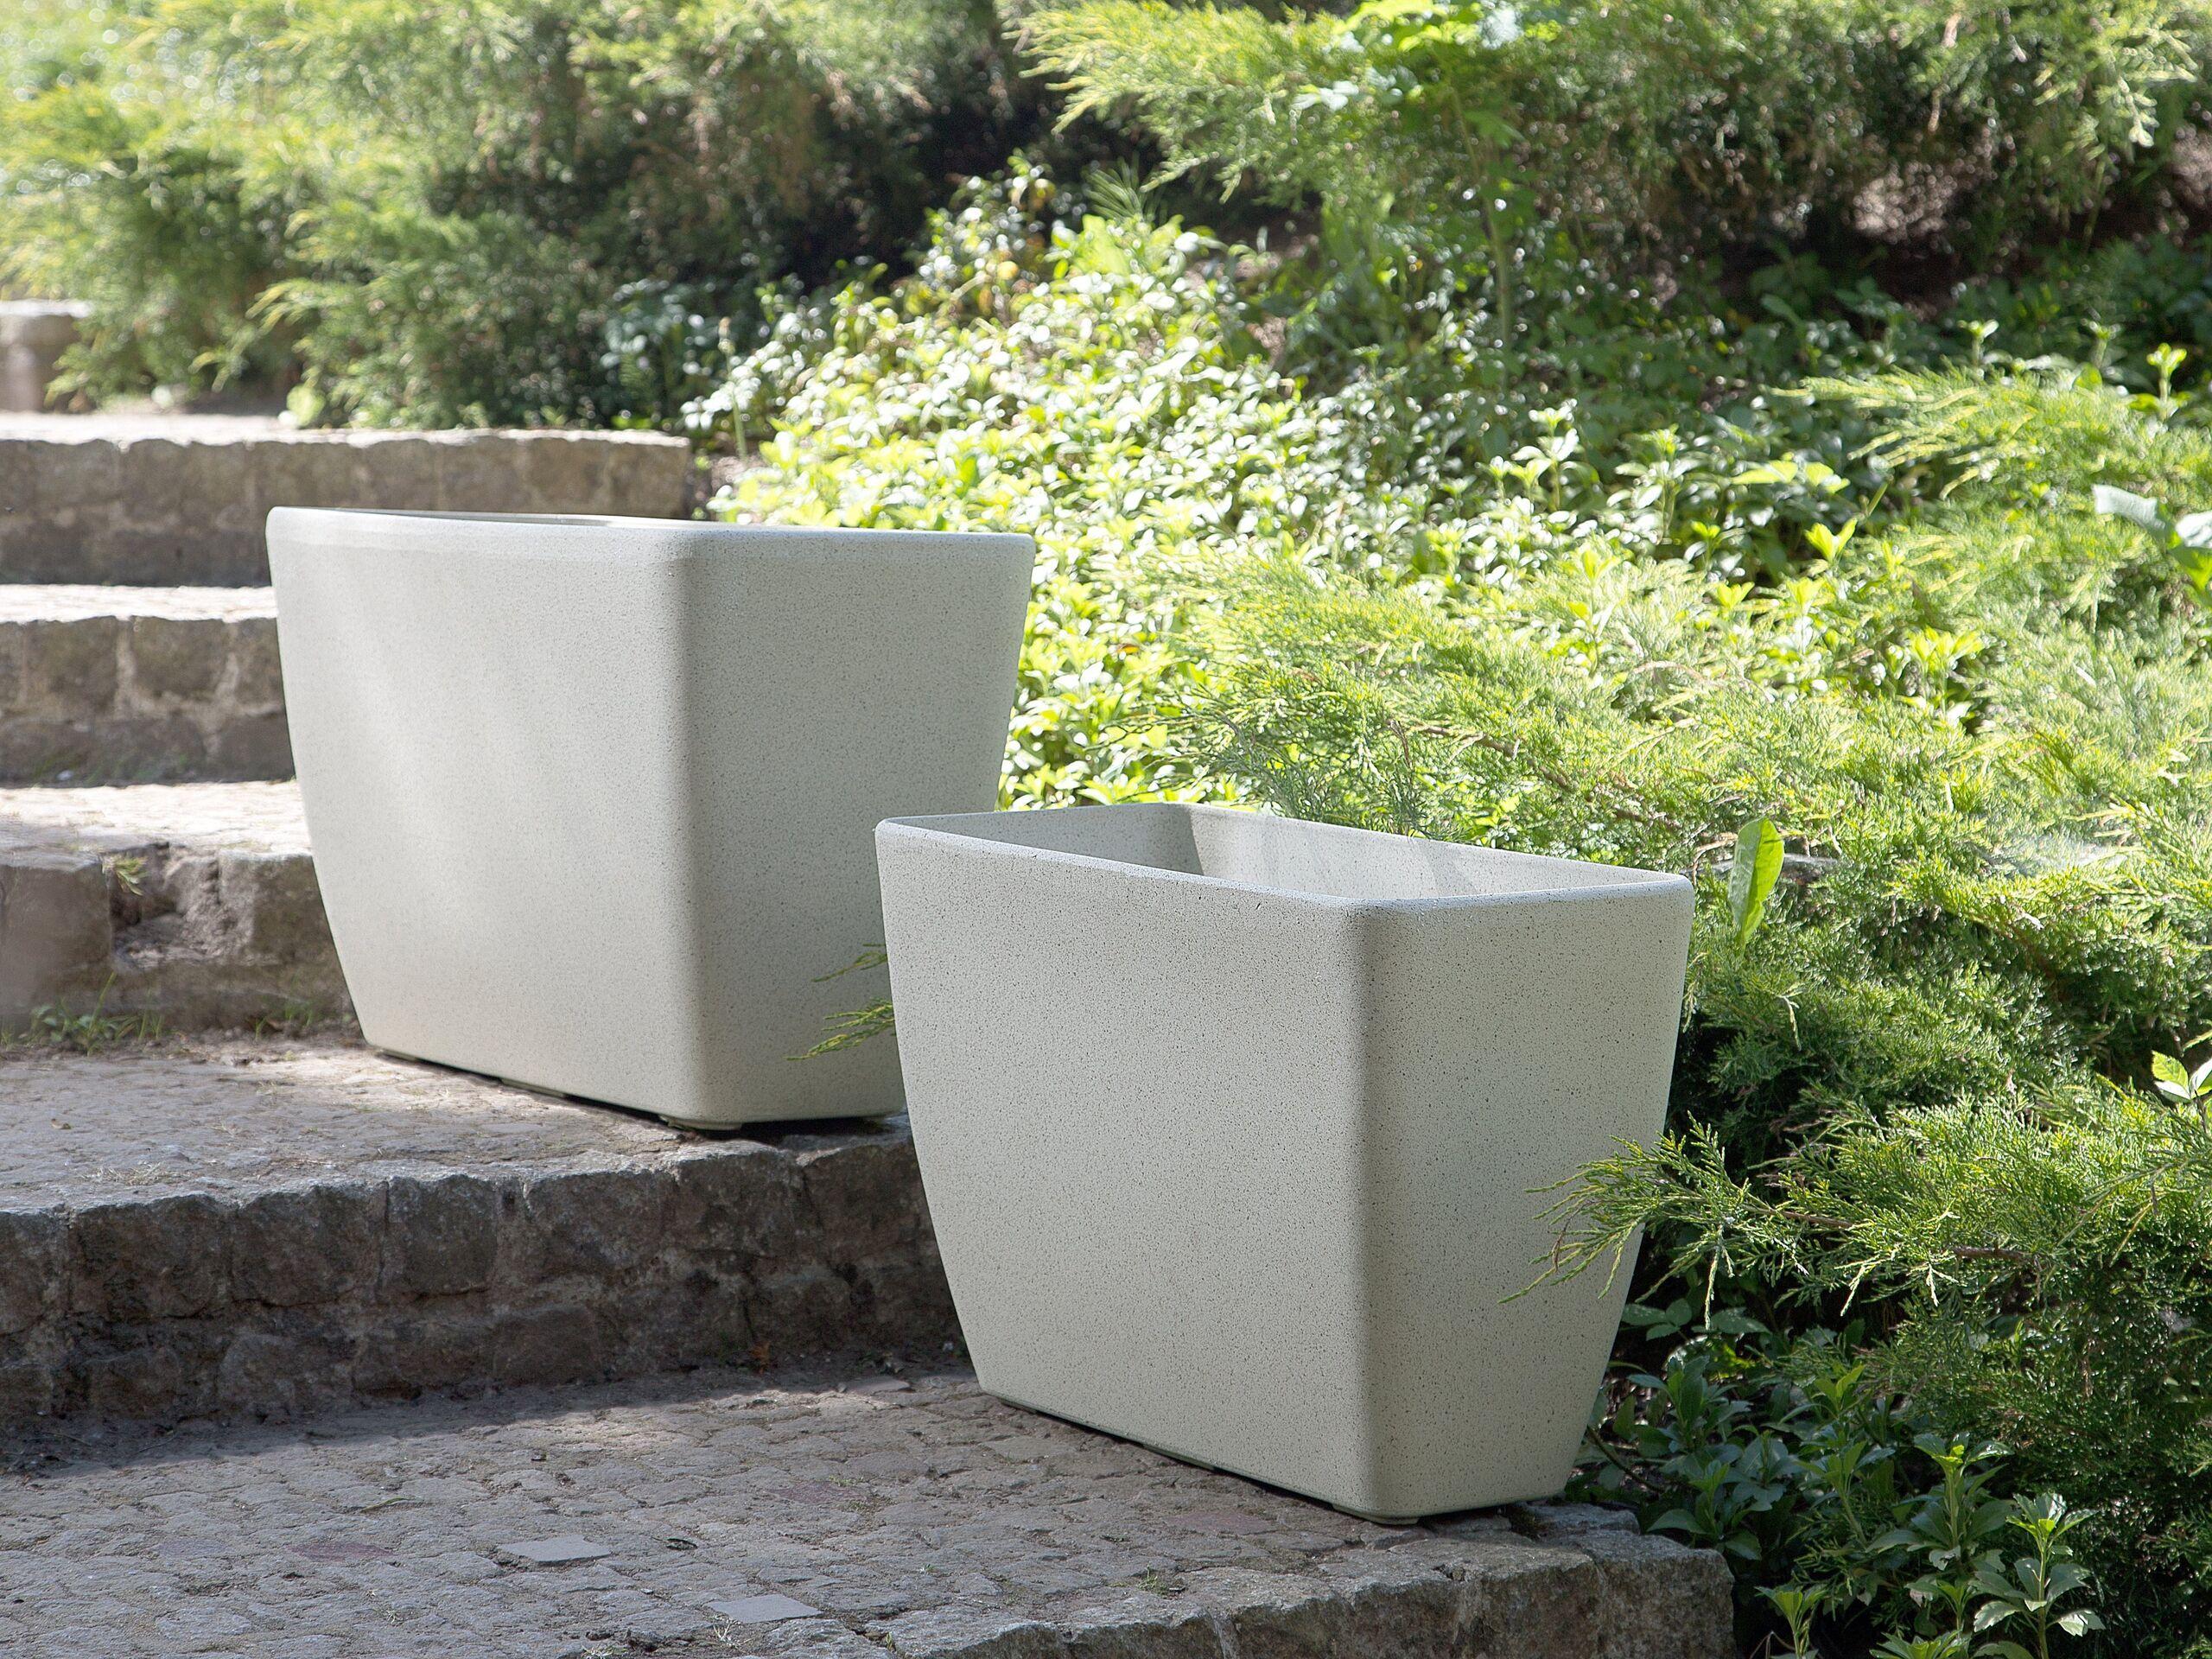 beliani set di 2 vasi per piante in simil pietra beige rettangolari varie misure